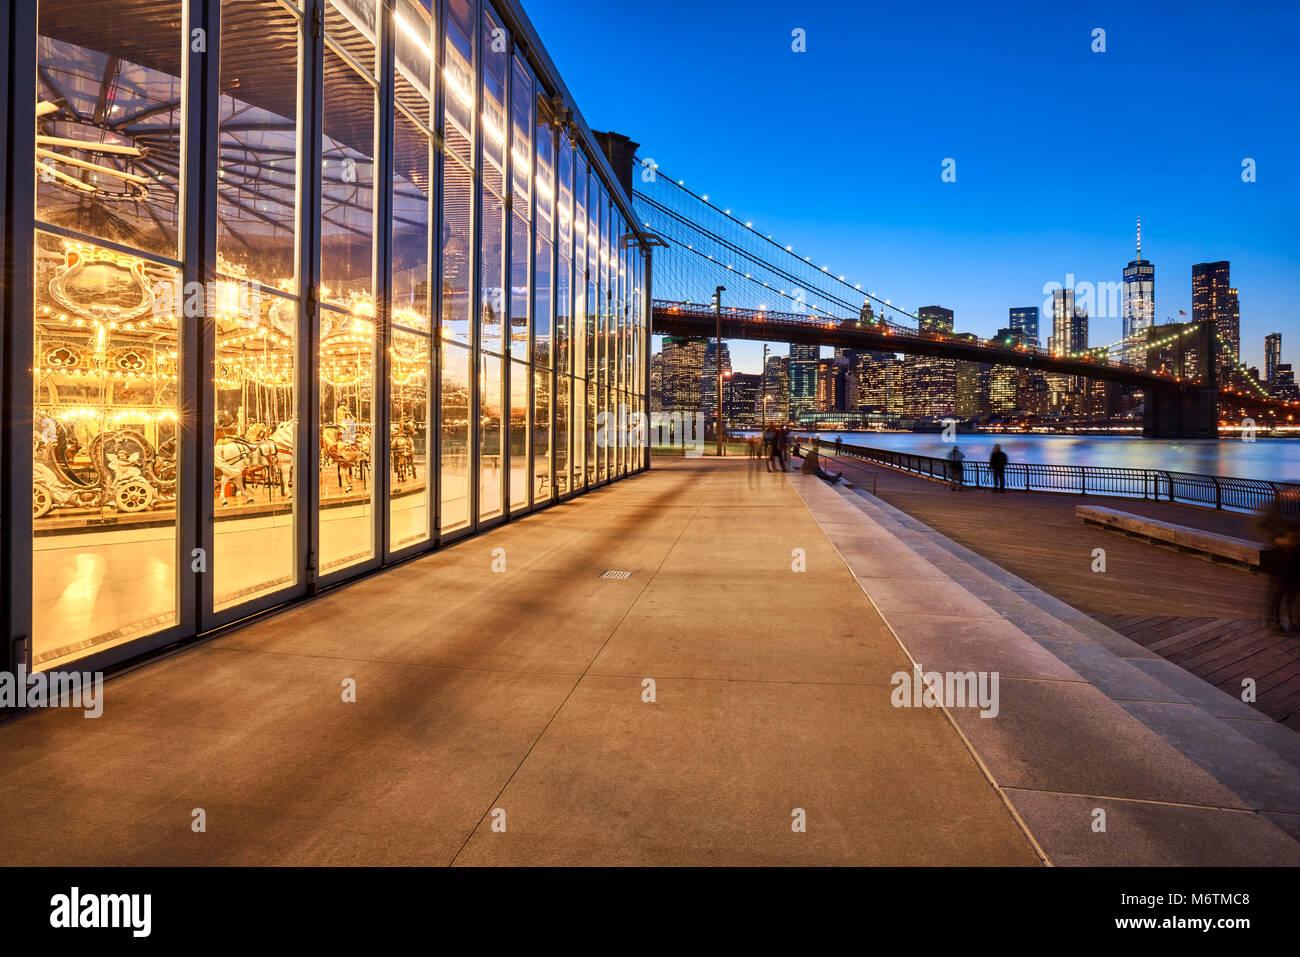 Puente de Brooklyn Park al atardecer con vistas de los rascacielos de Manhattan, el Puente de Brooklyn y el carrusel. Imagen De Stock